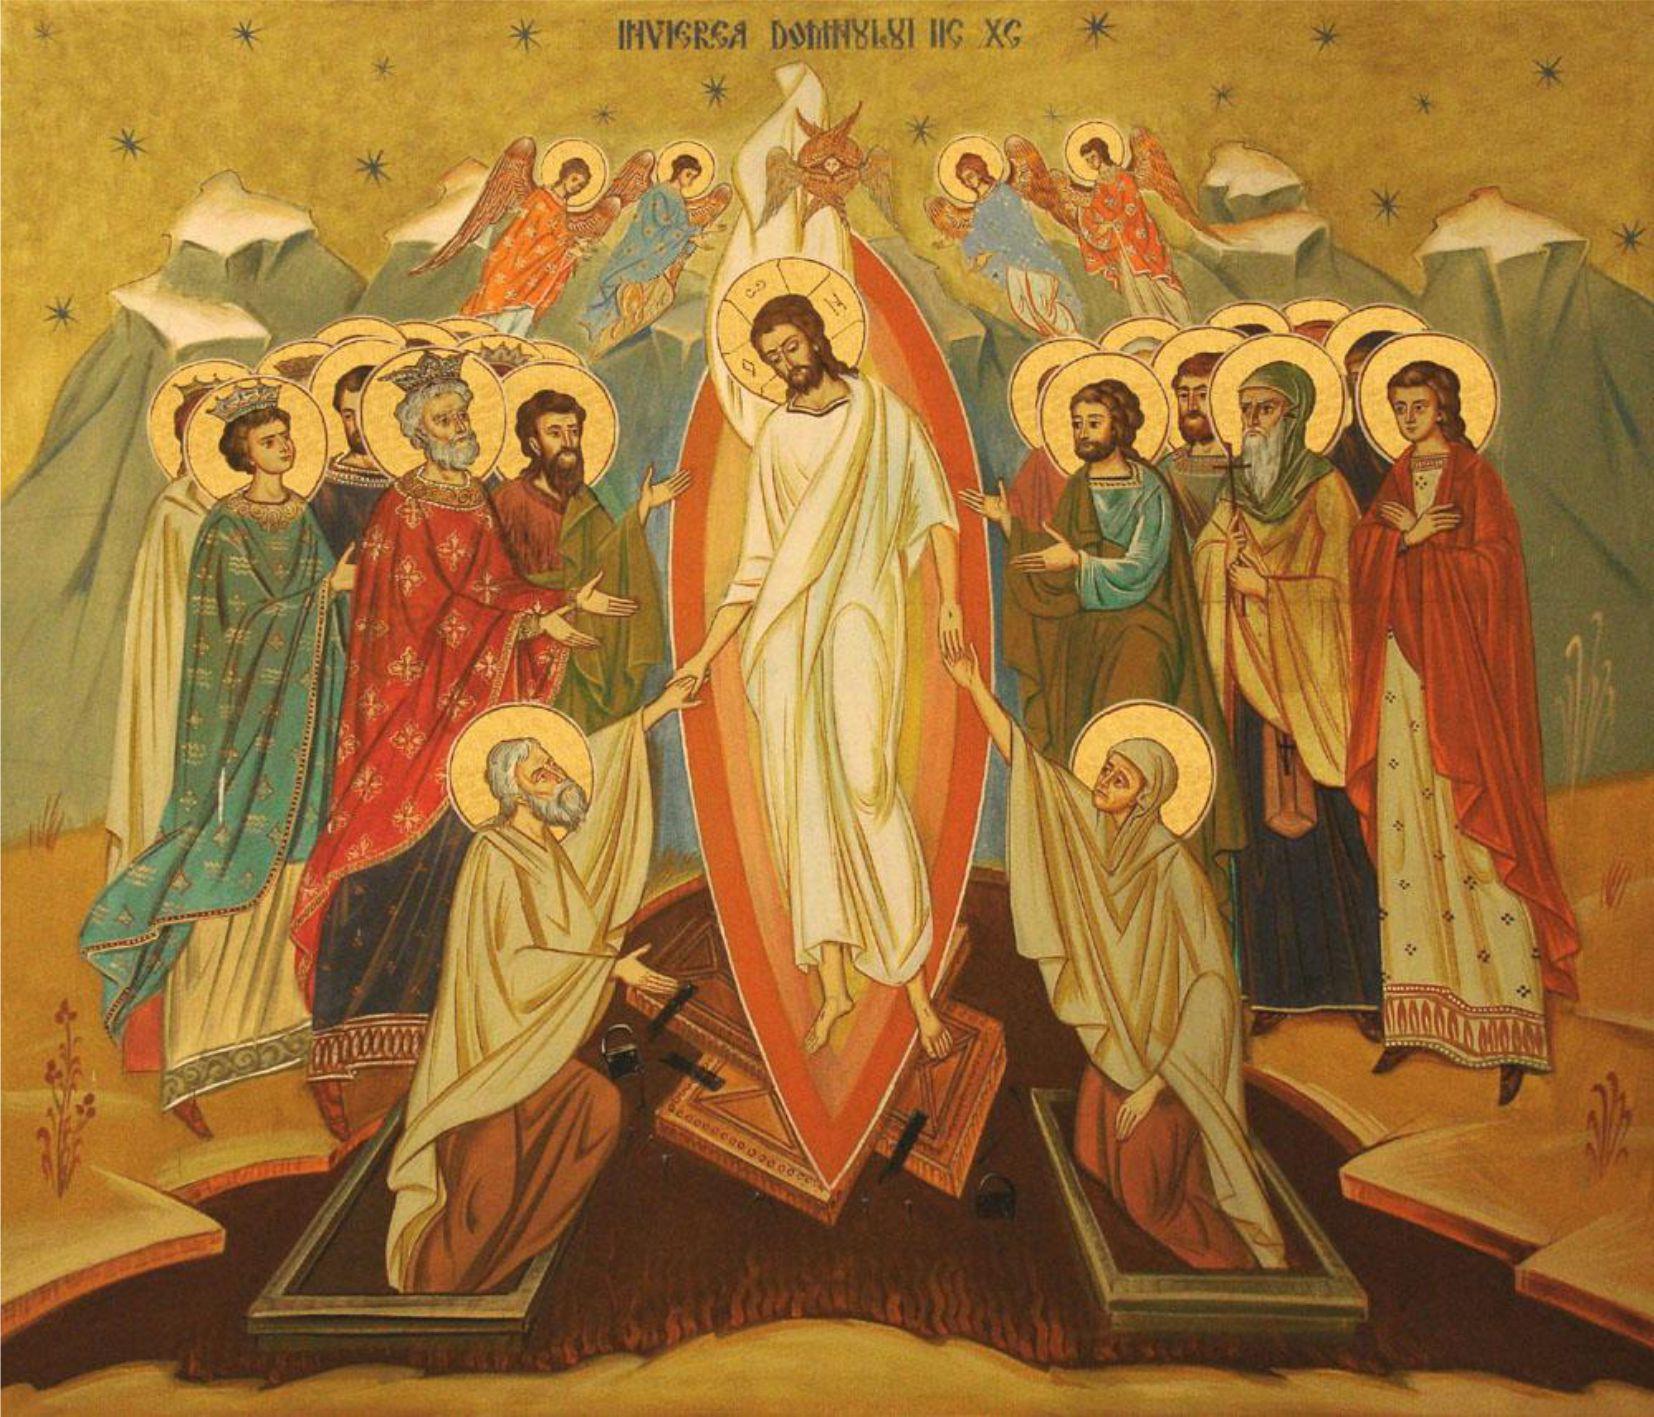 invierea domnului A5